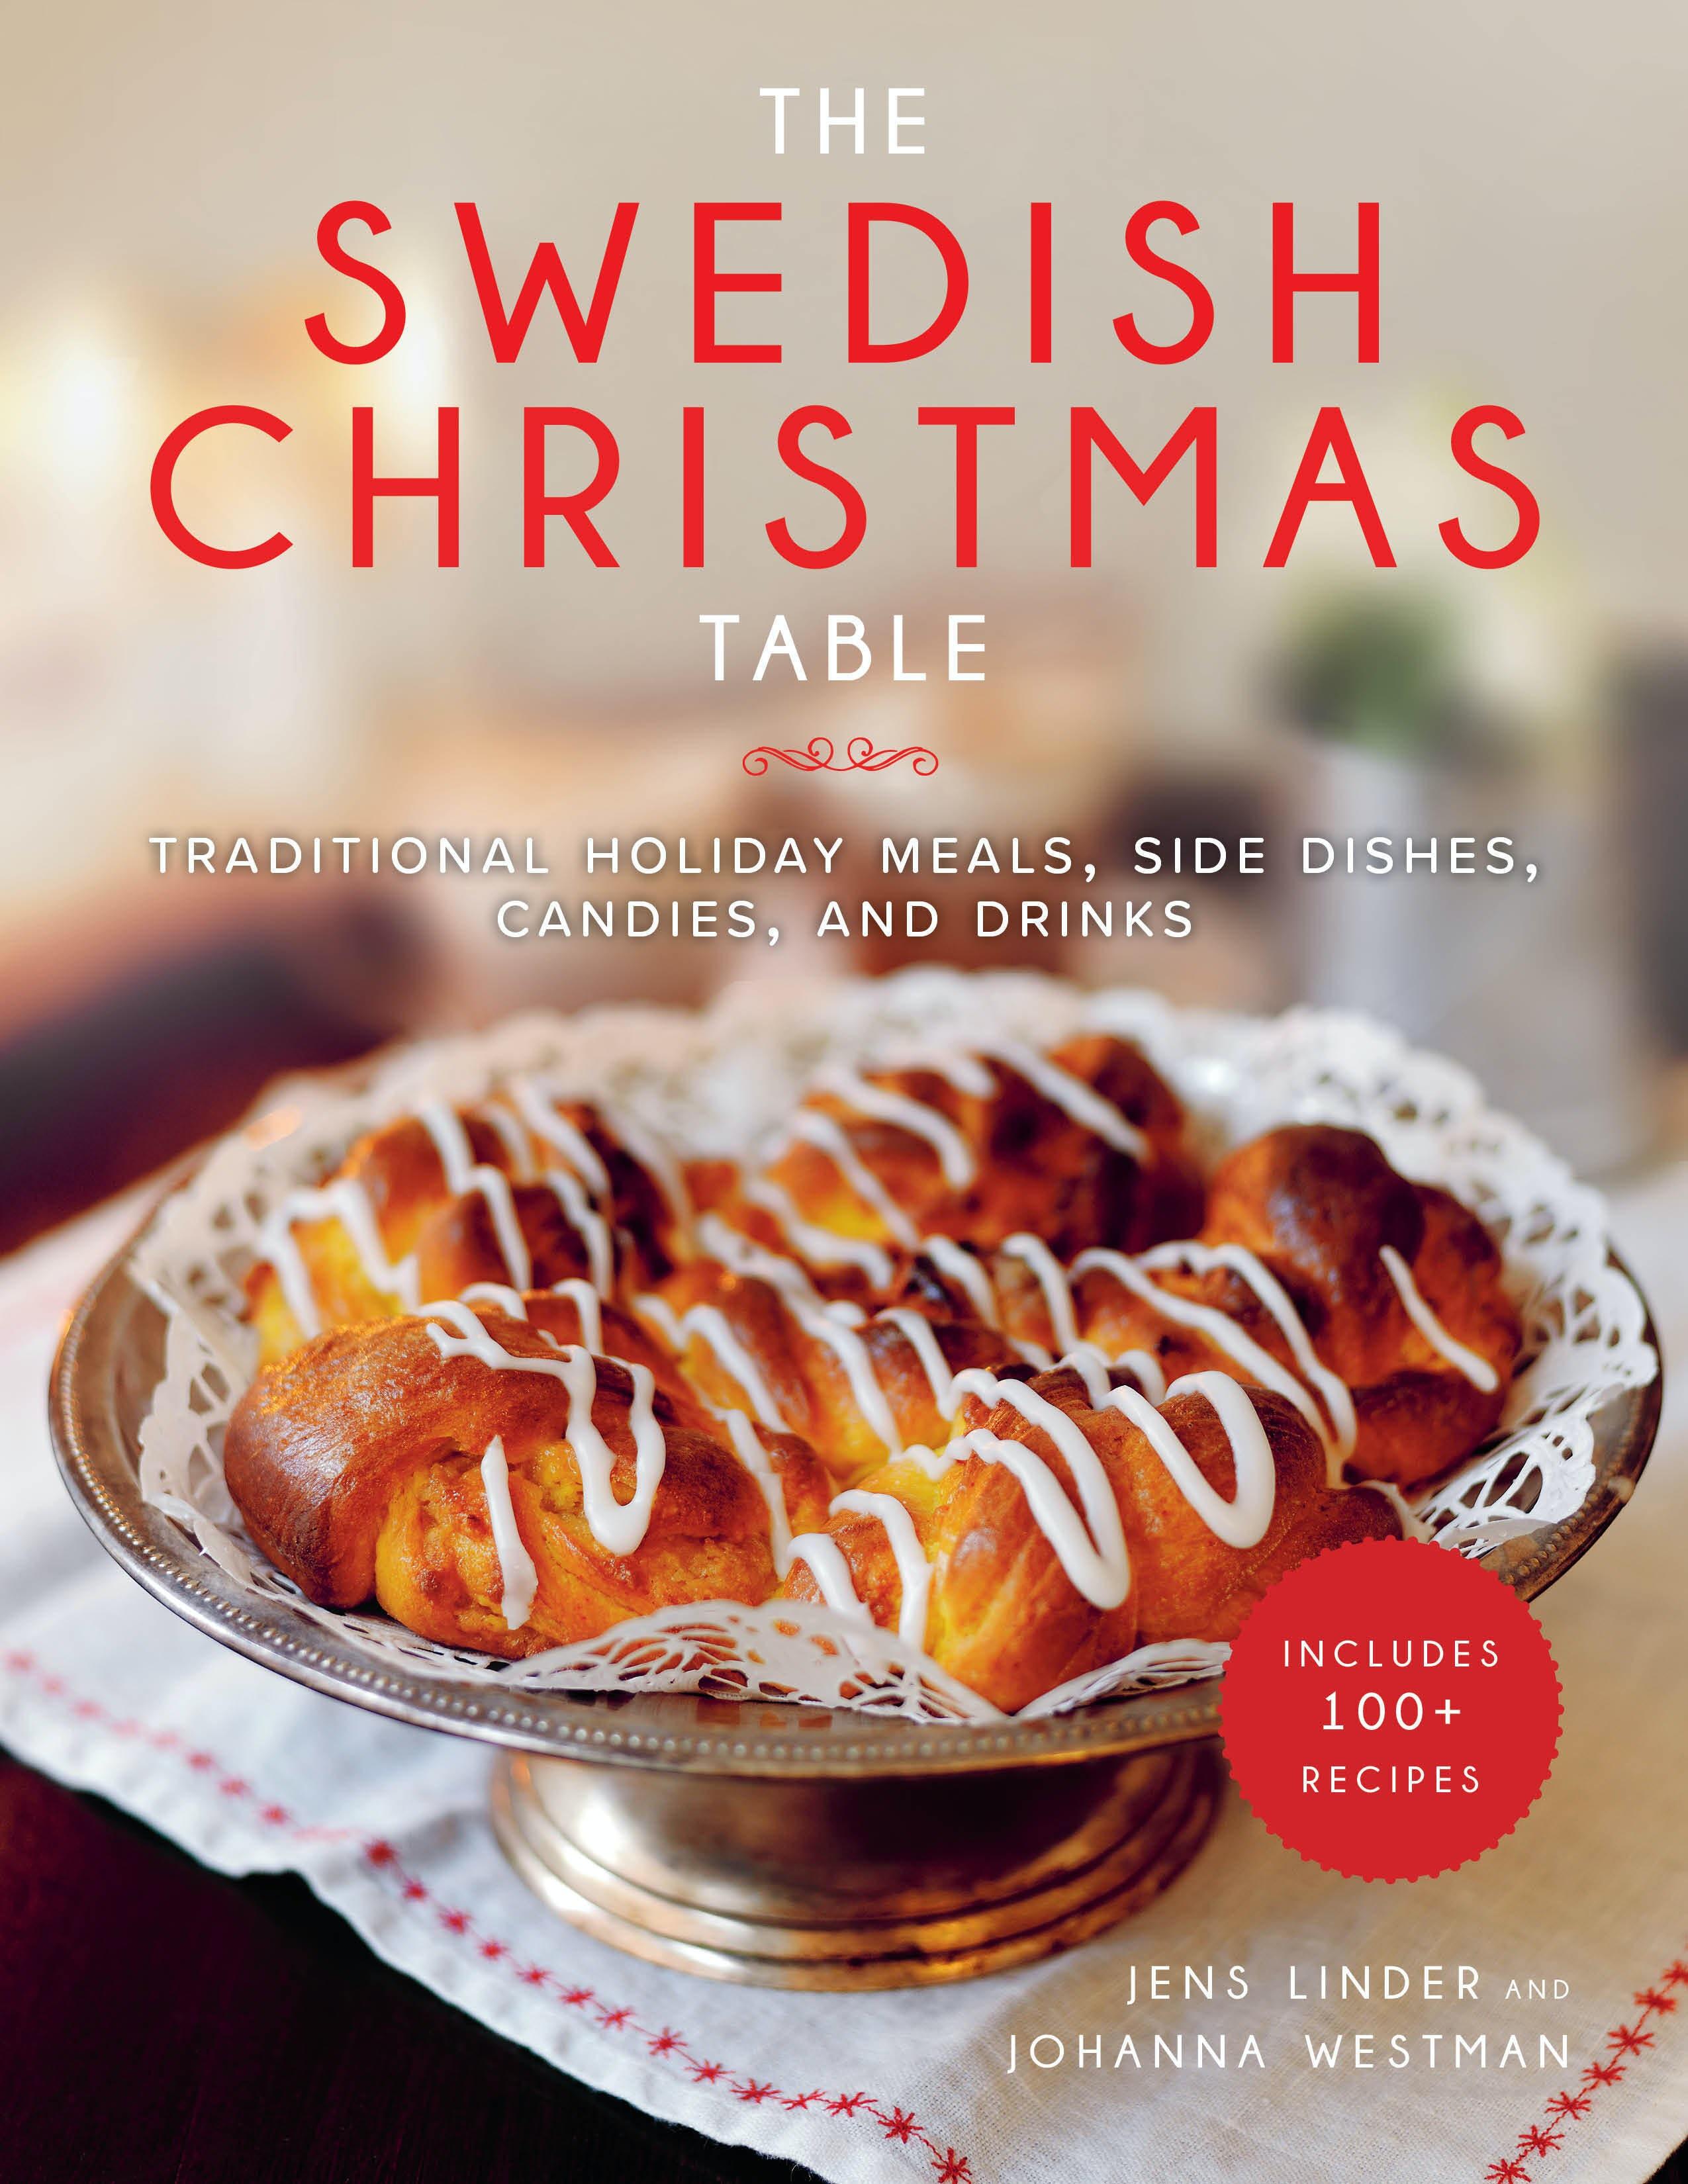 The Swedish Christmas Table